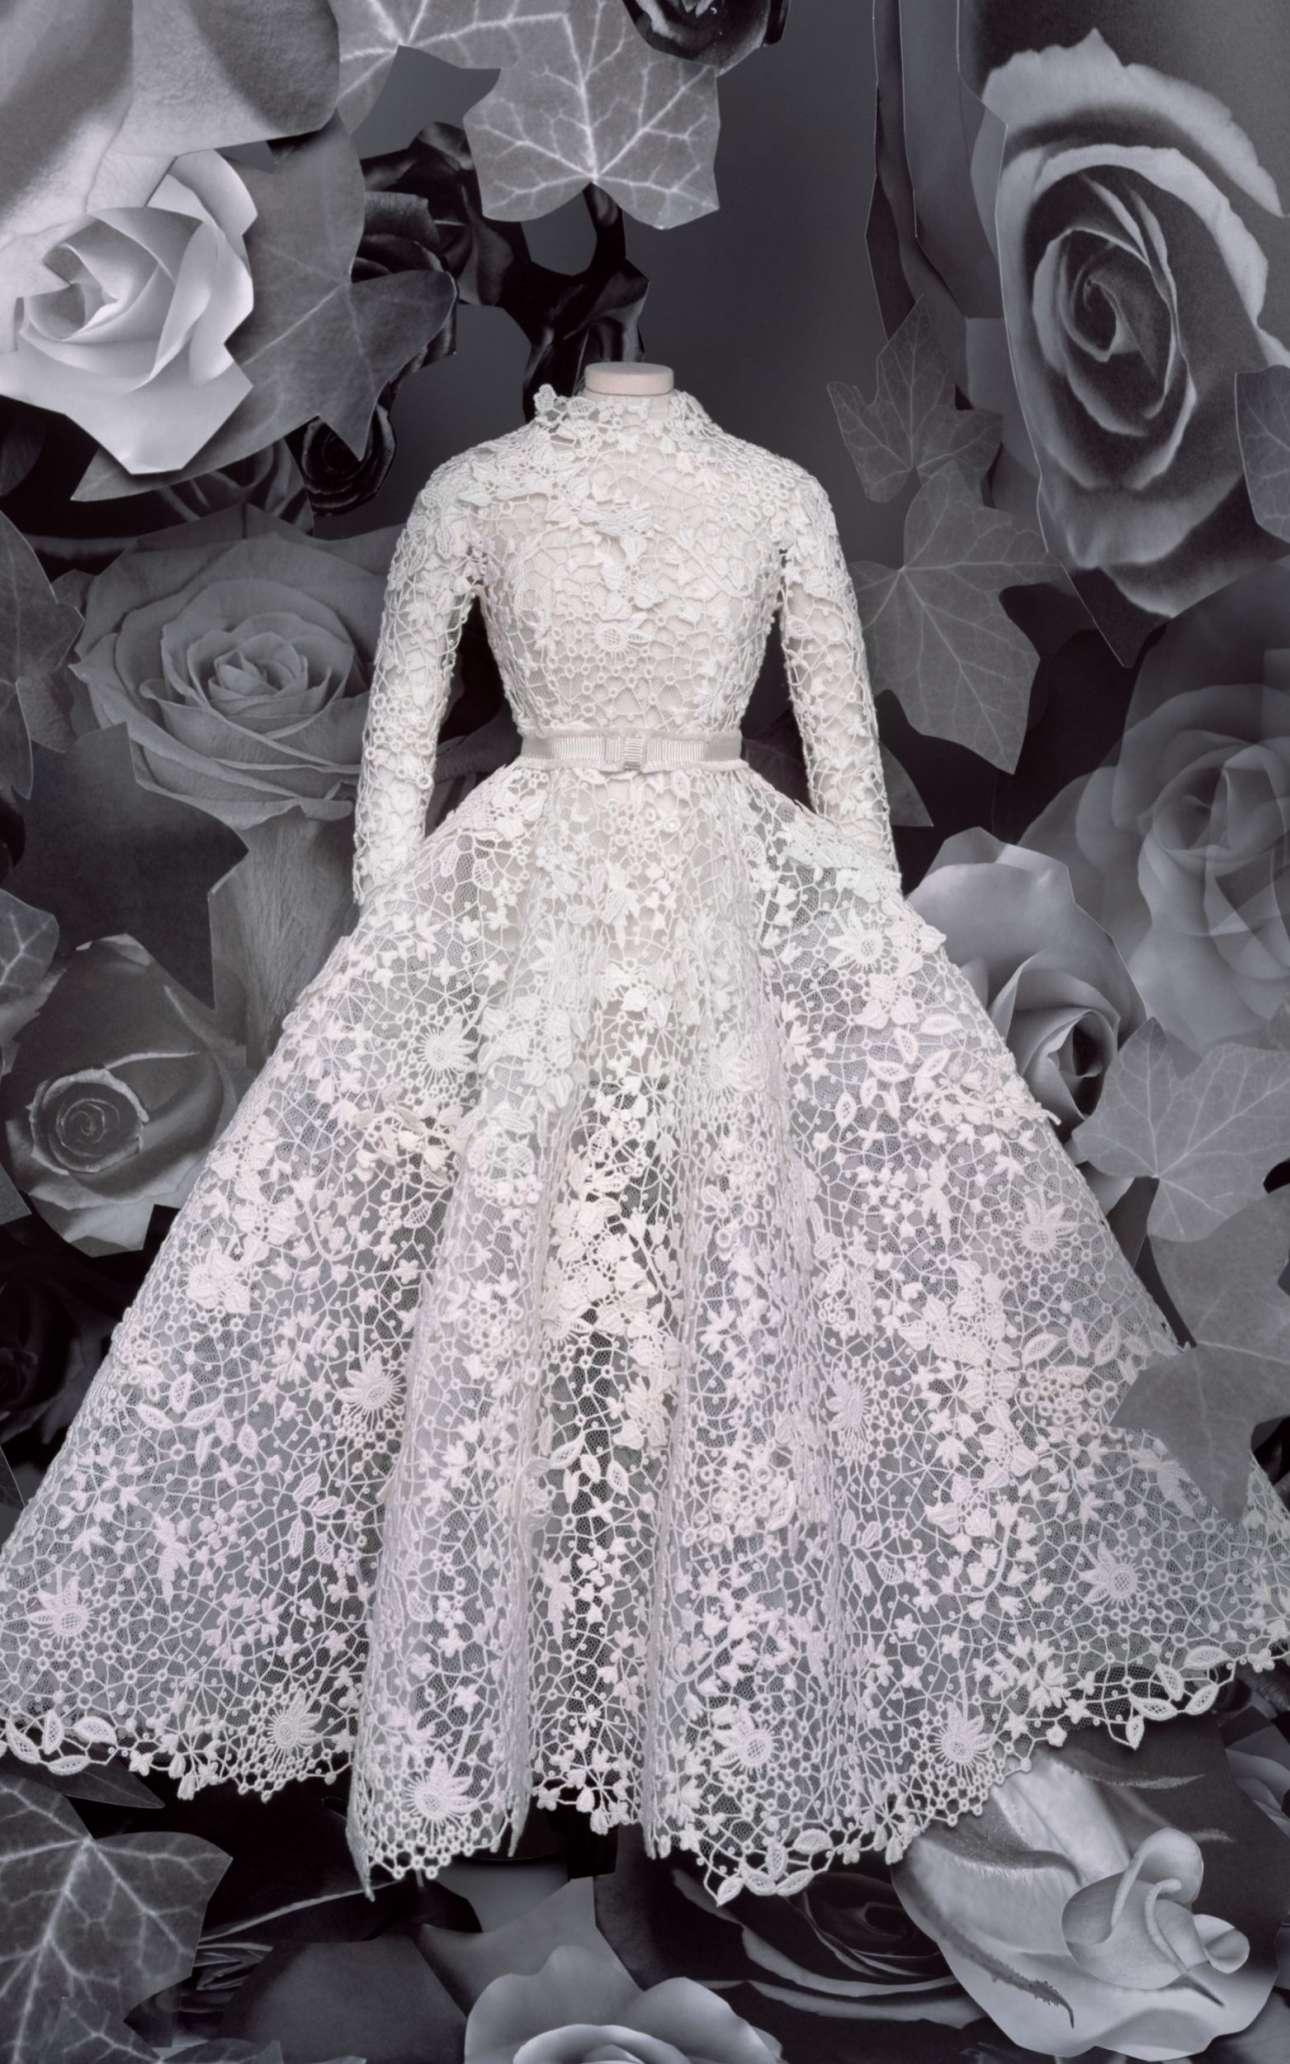 Ενα άλλο χαρακτηριστικό φόρεμα Dior από τη φετινή συλλογή, με δαντέλα από πάνω ως κάτω